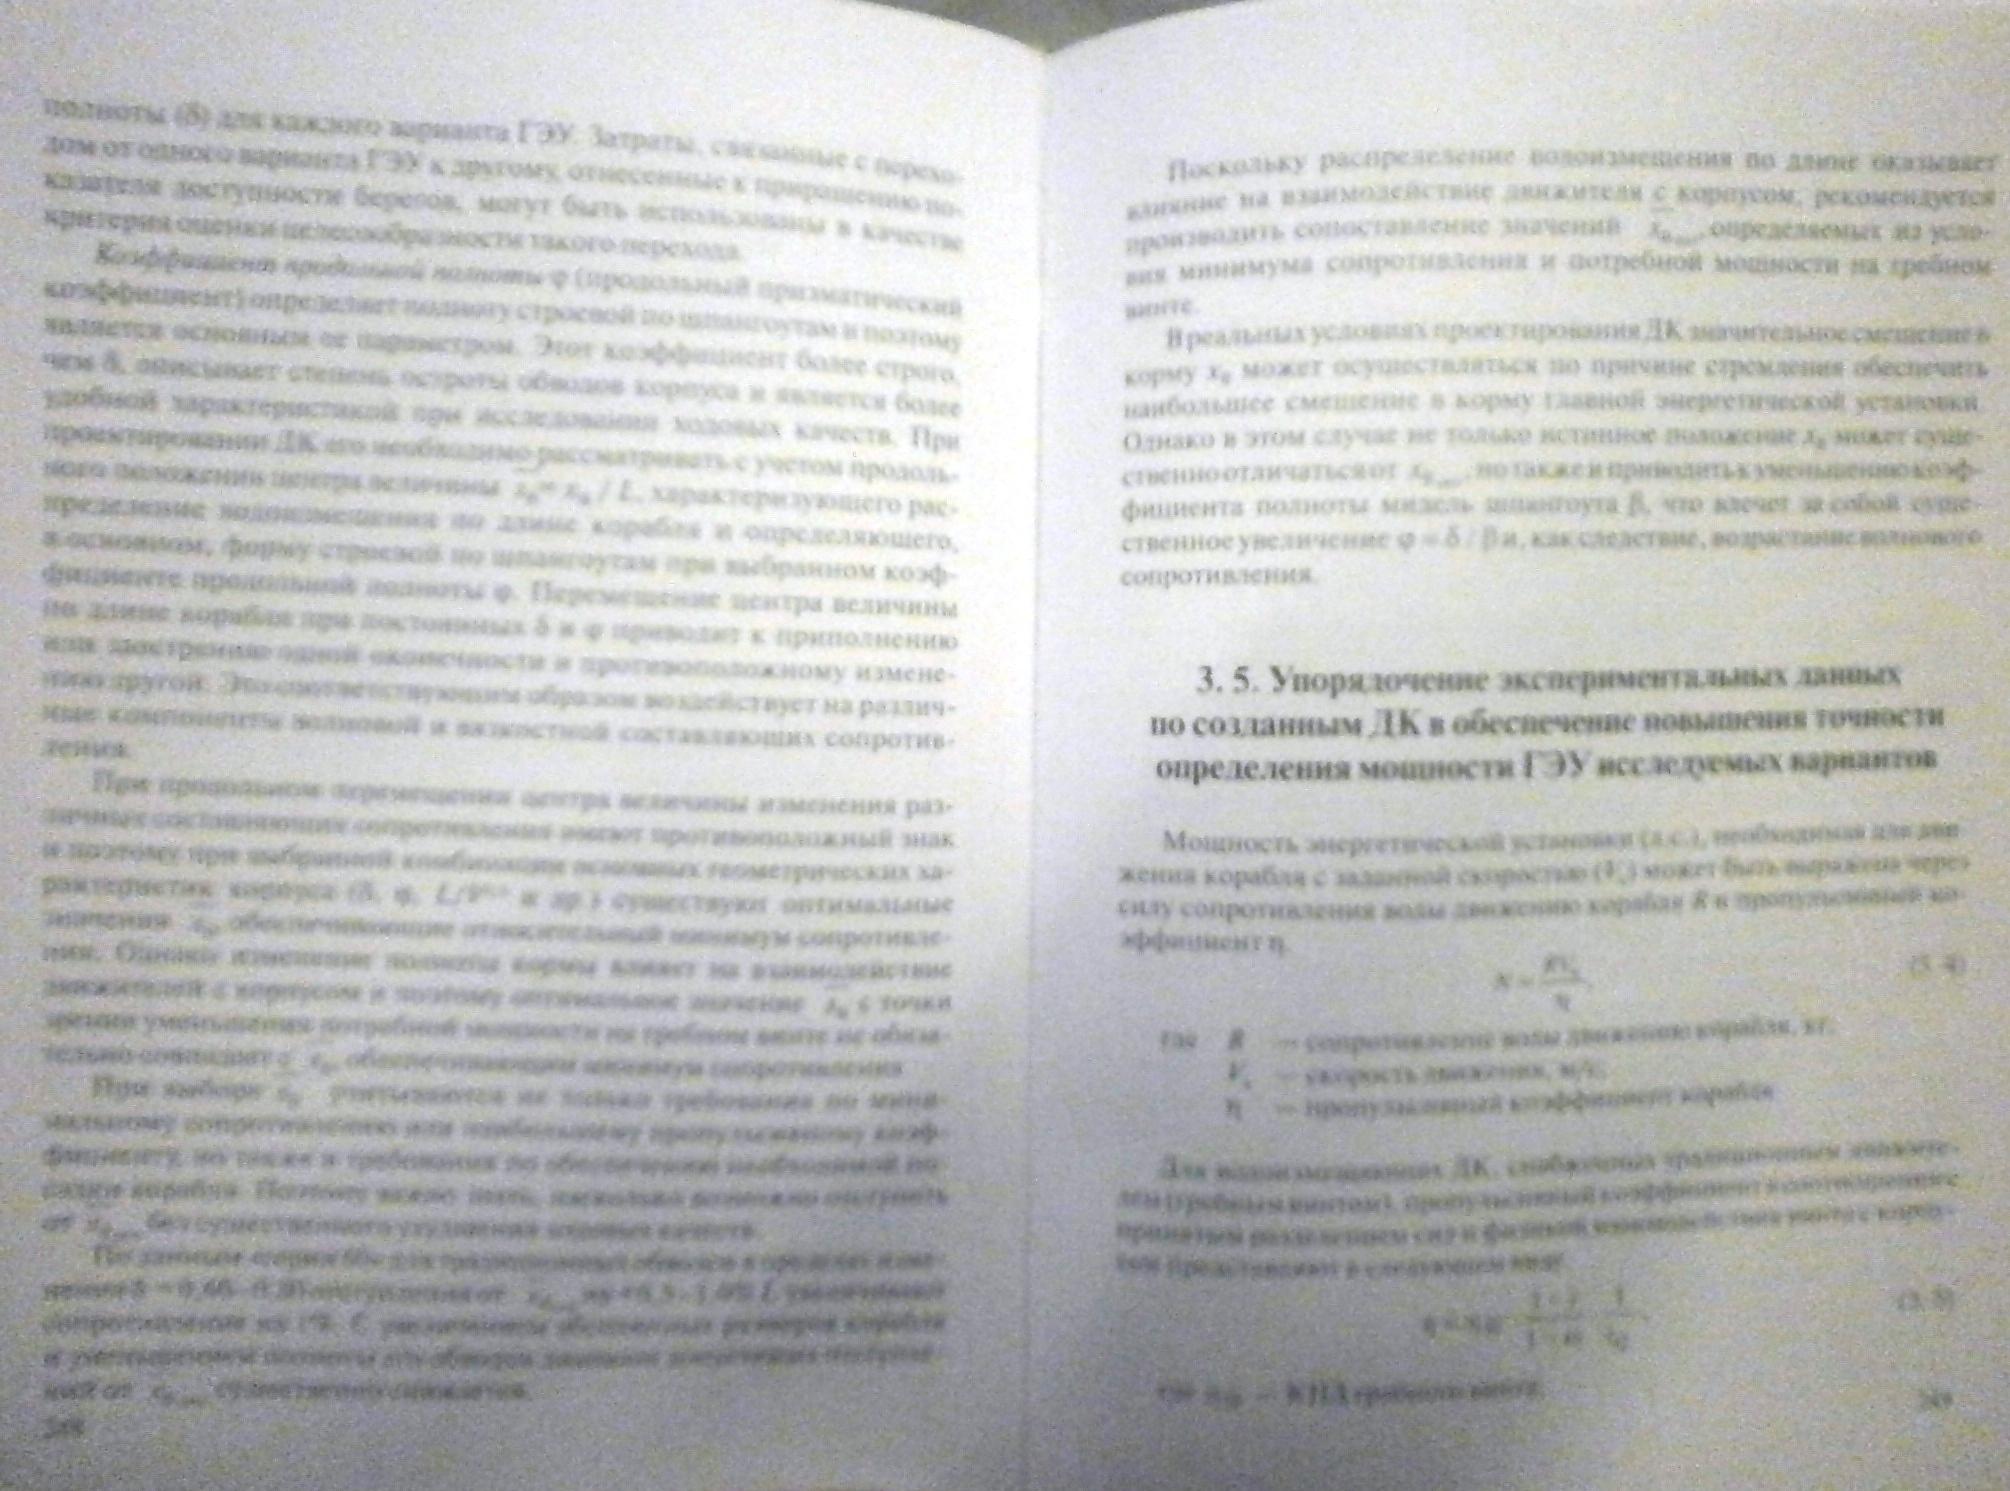 http://s3.uploads.ru/rftKe.jpg